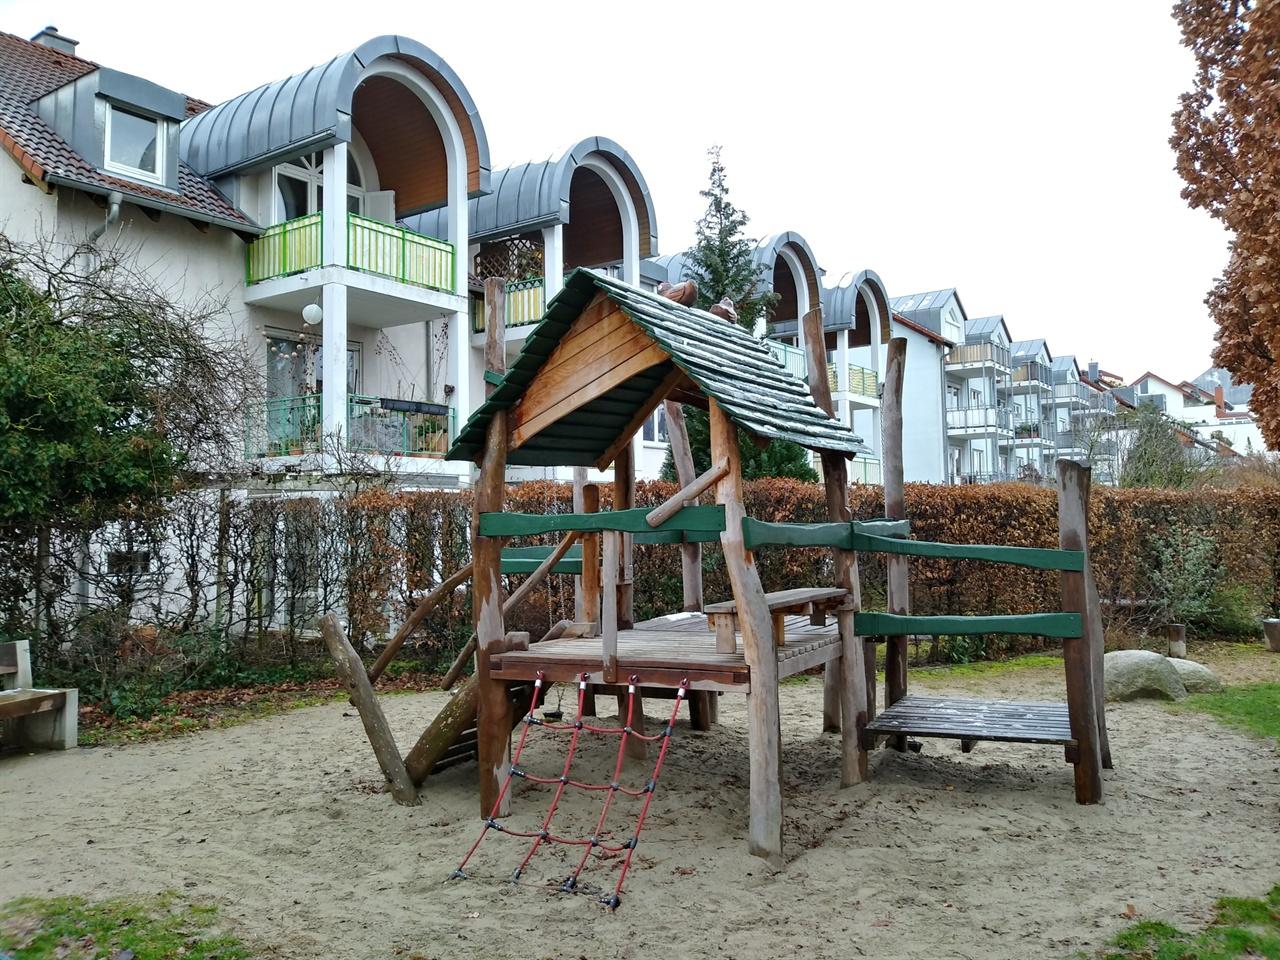 아이들의 놀이터 주택가 어디서든 쉽게 보이는 놀이터의 모습인데, 바닥은 죄다 모래고 놀이기구는 울퉁불퉁한 나무로 만들어져 있었다.